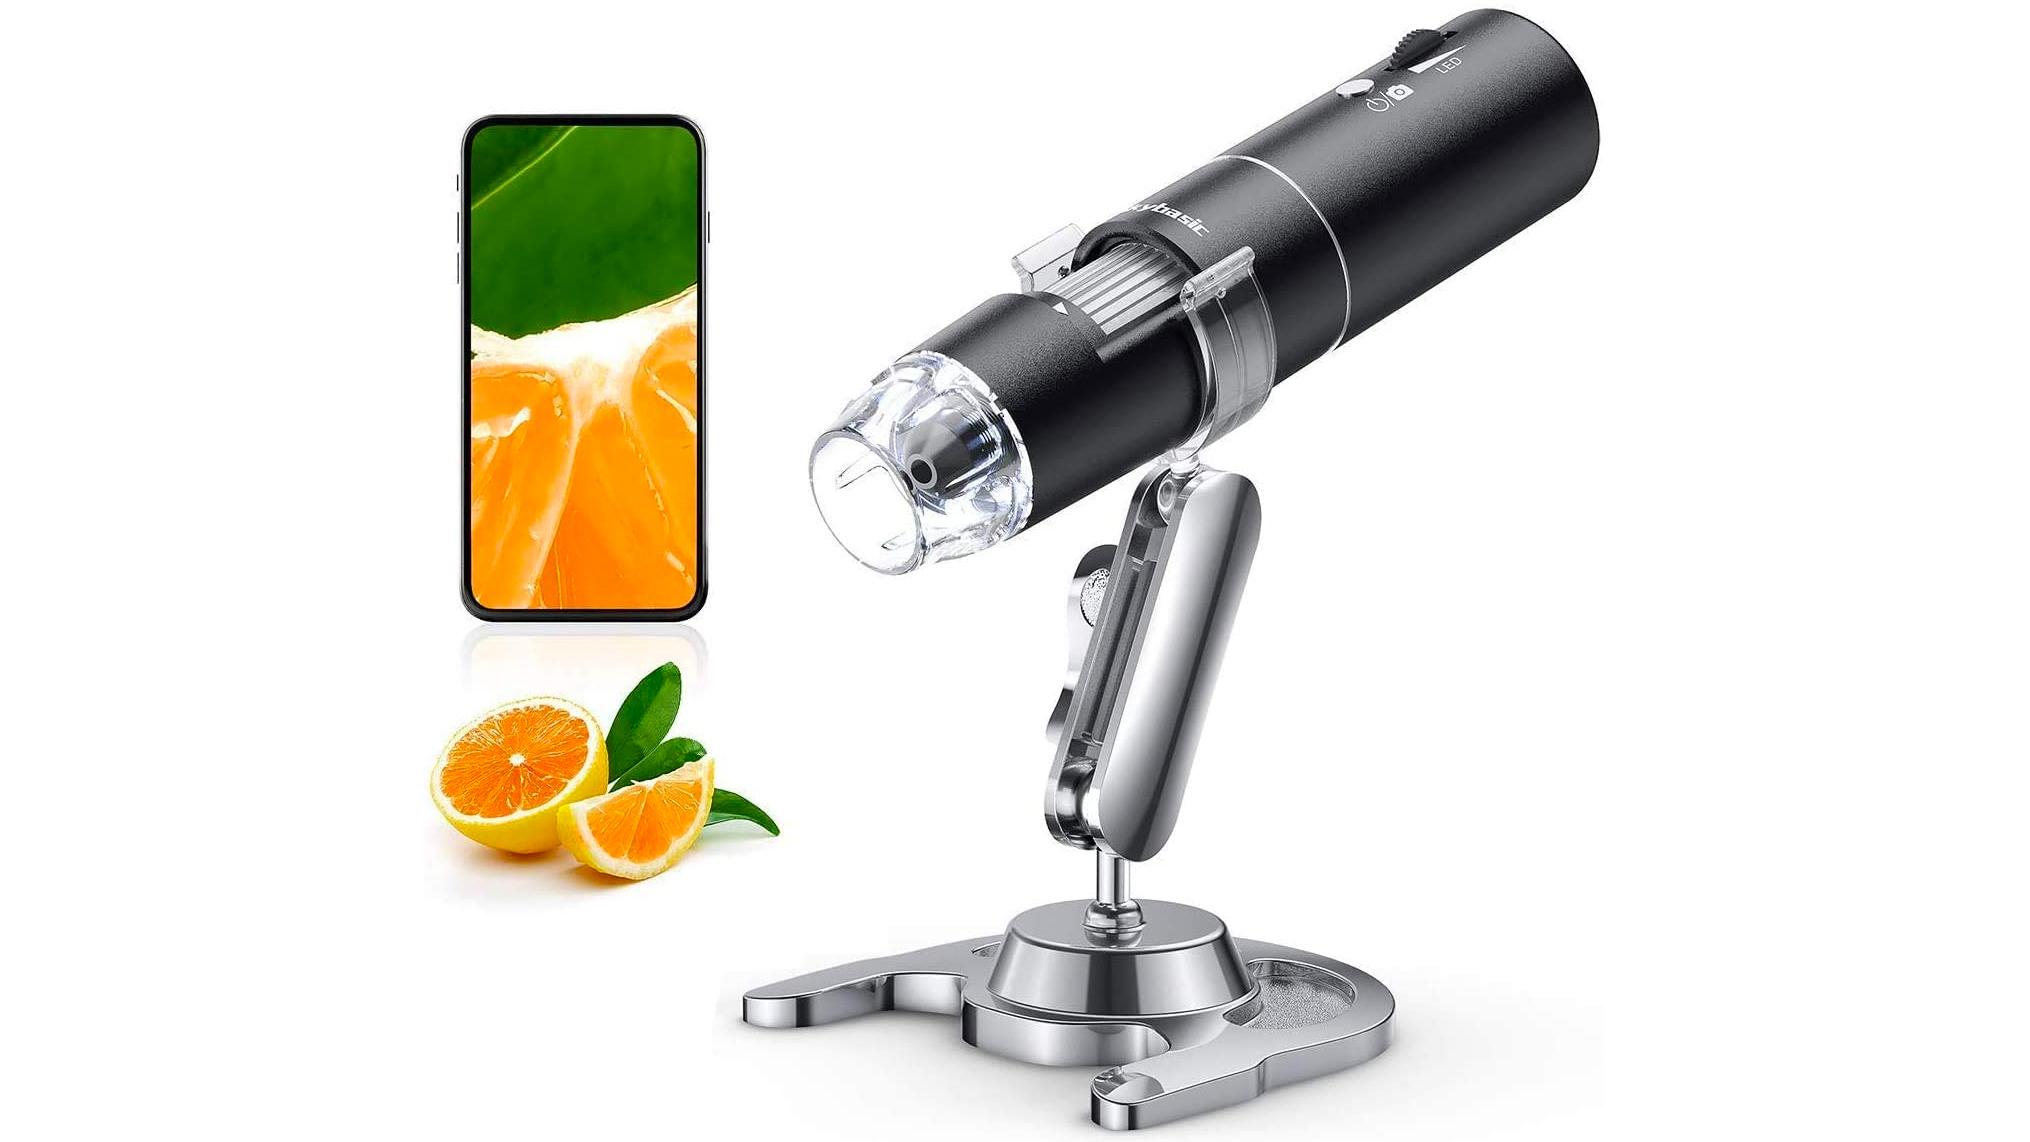 SkyBasic wireless digital microscope for kids.